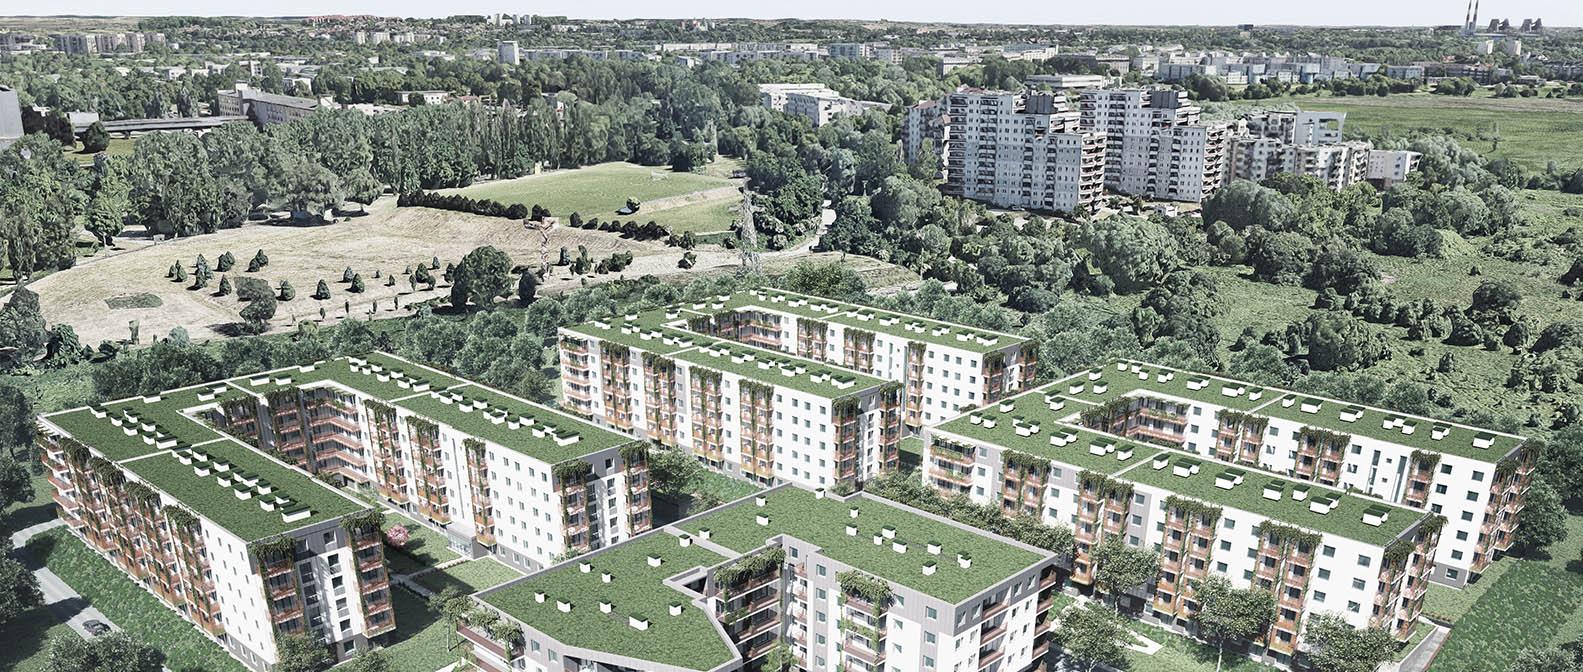 wizualizacja_osiedla_mieszkaniowego_urba